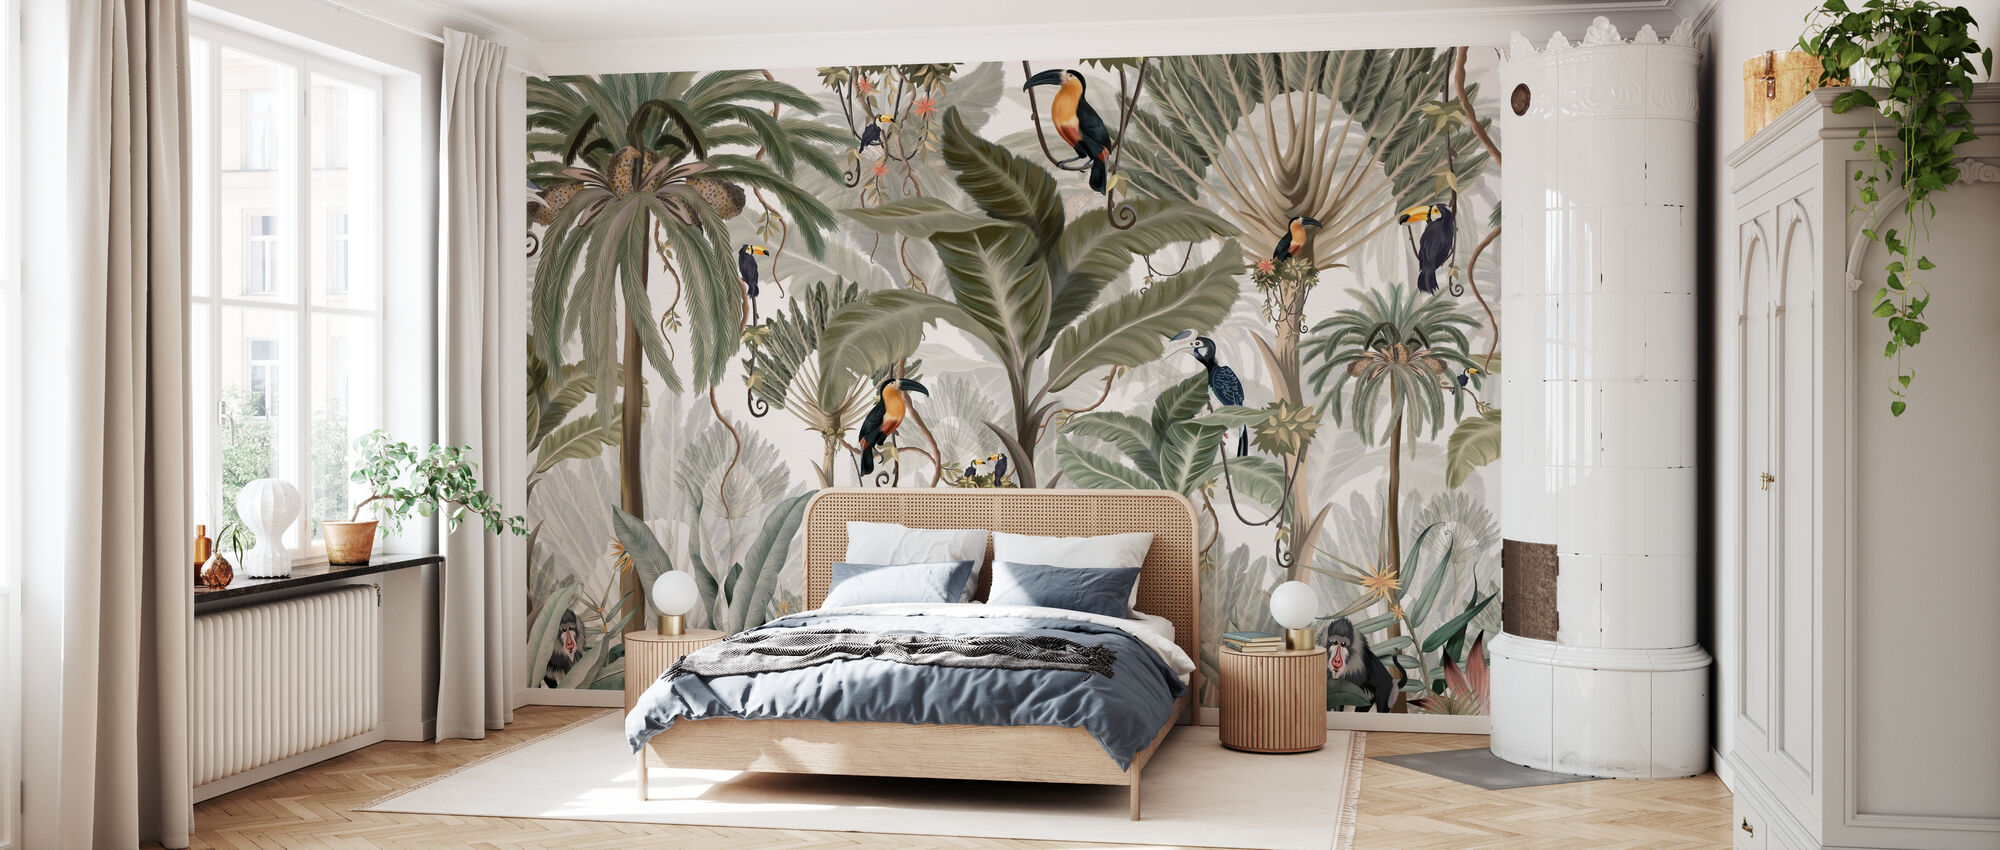 Exotischer Dschungel - hell - Tapete - Schlafzimmer